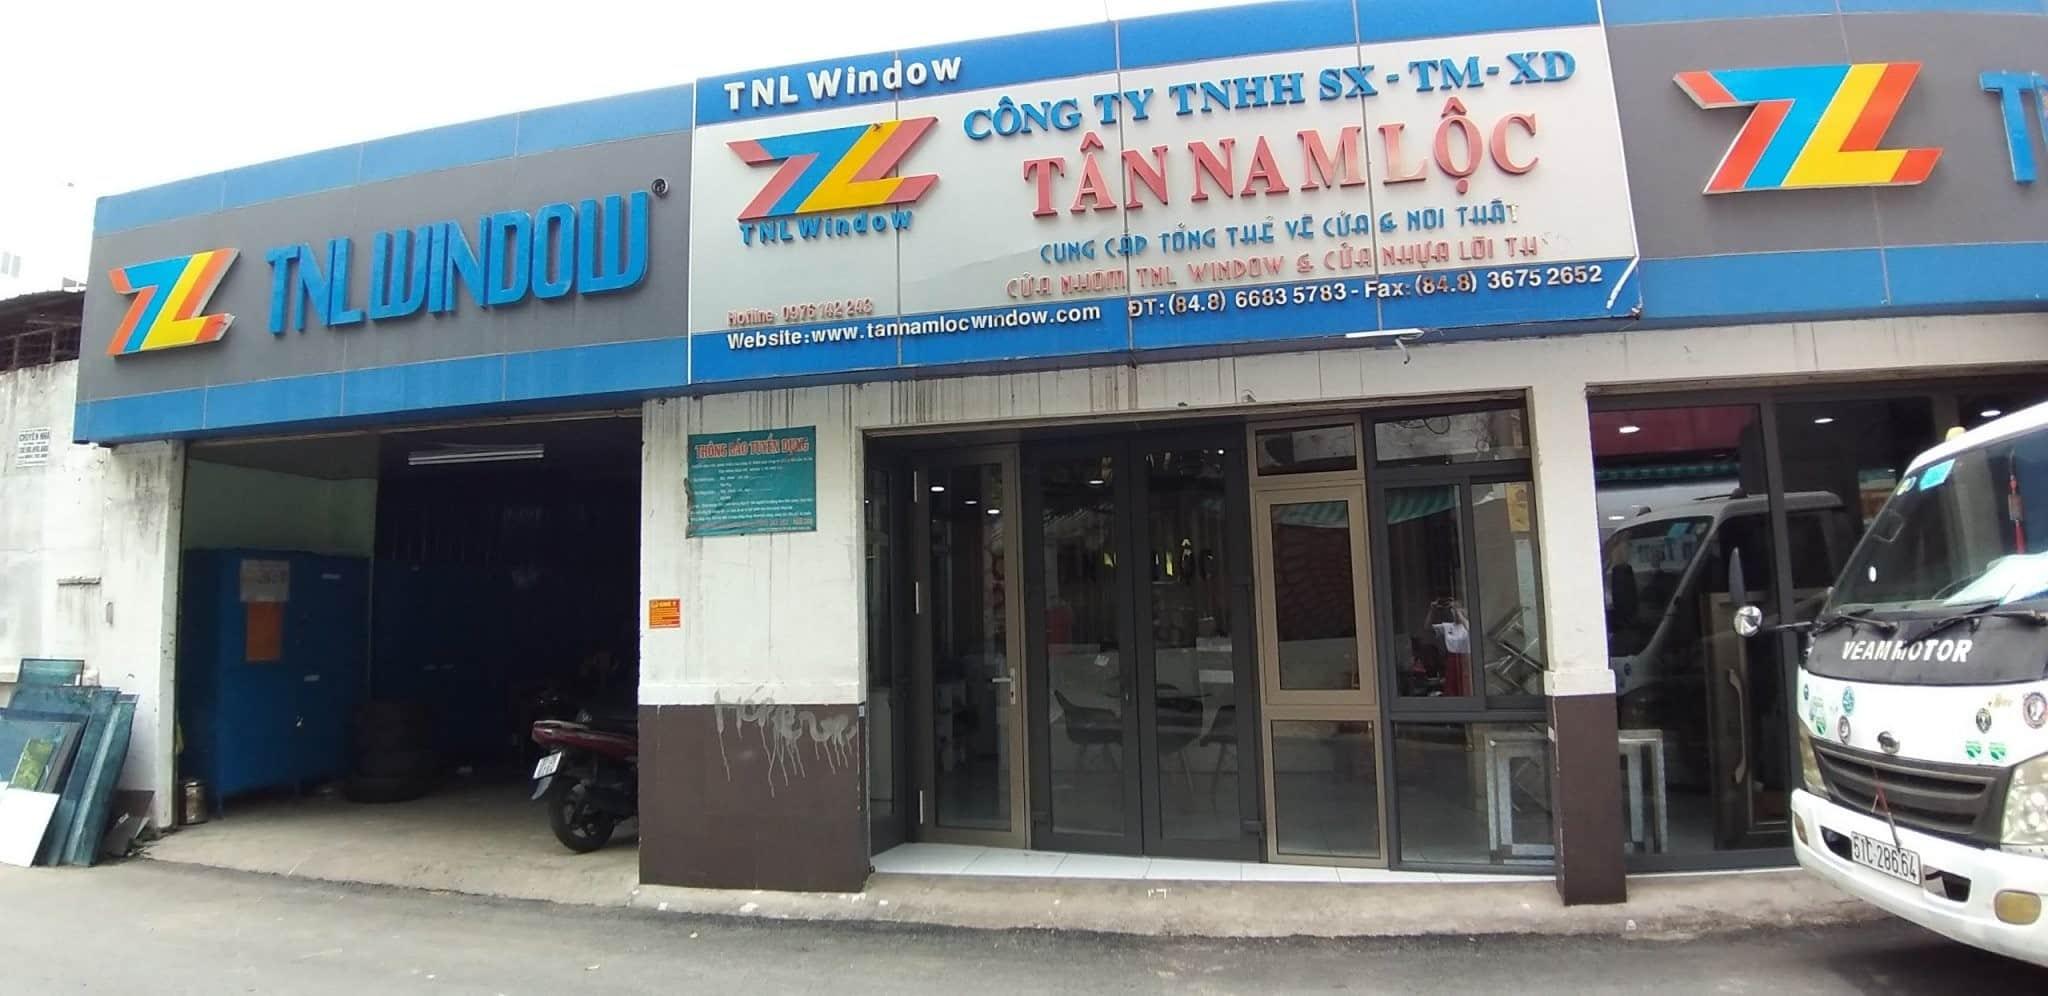 Nhà phân phối nhôm Tân Nam Lộc